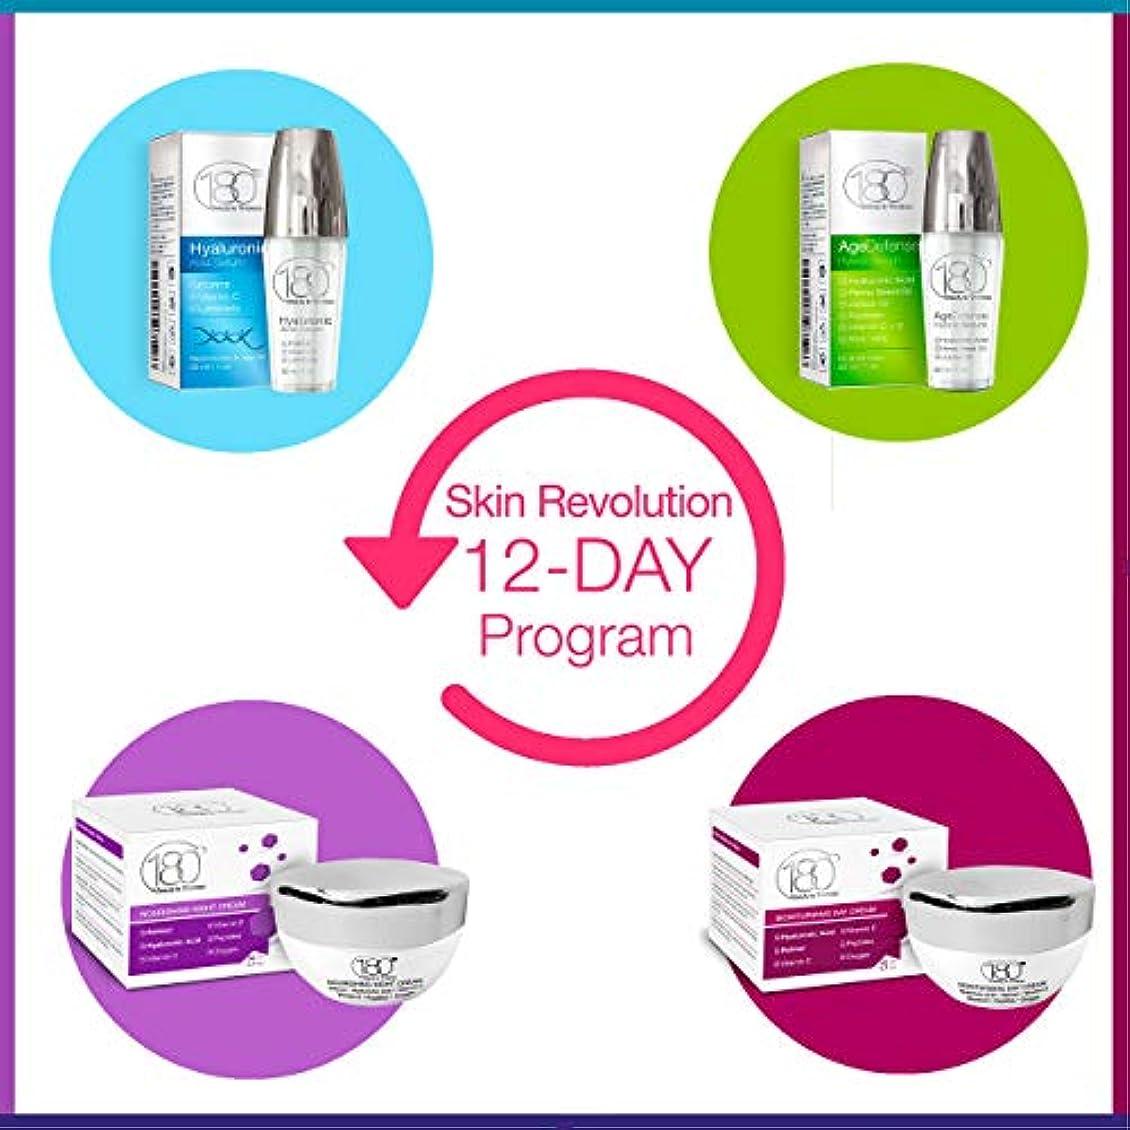 保護マイナーフリンジ180 Cosmetics 12日間の美容パッケージ最大の水分 - スキンレボリューションプログラム - あなたが夢見ている結果を得る - 55歳以上のドライまたは非常に乾燥したスキン - ハイブリッドセラムデイナイトクリーム